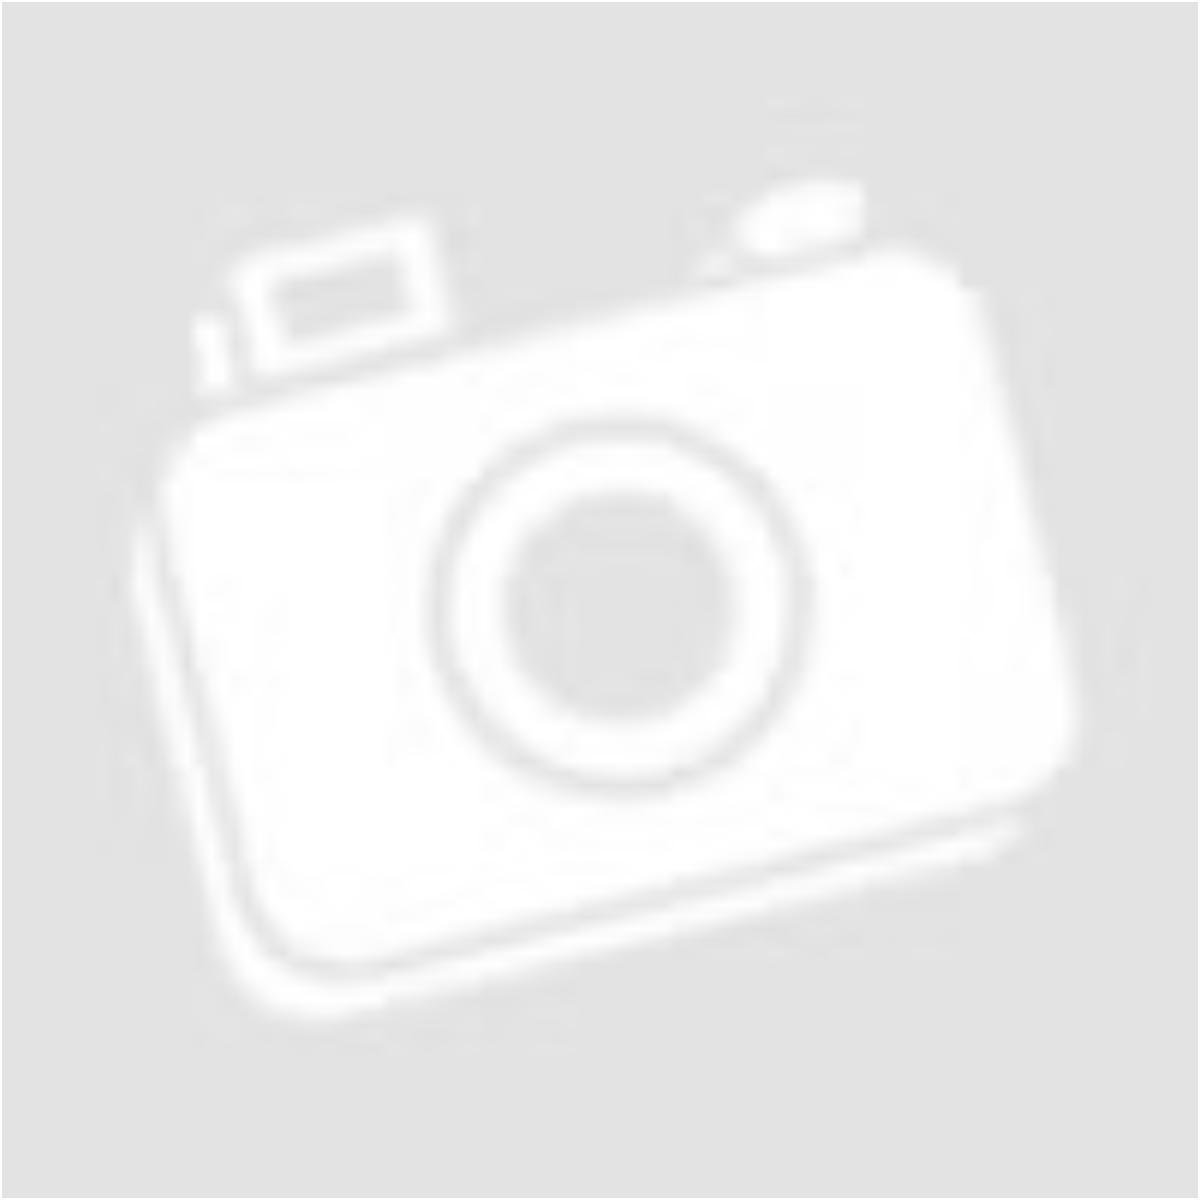 Ladycup maszk fehér piros pöttyös maszk S méret